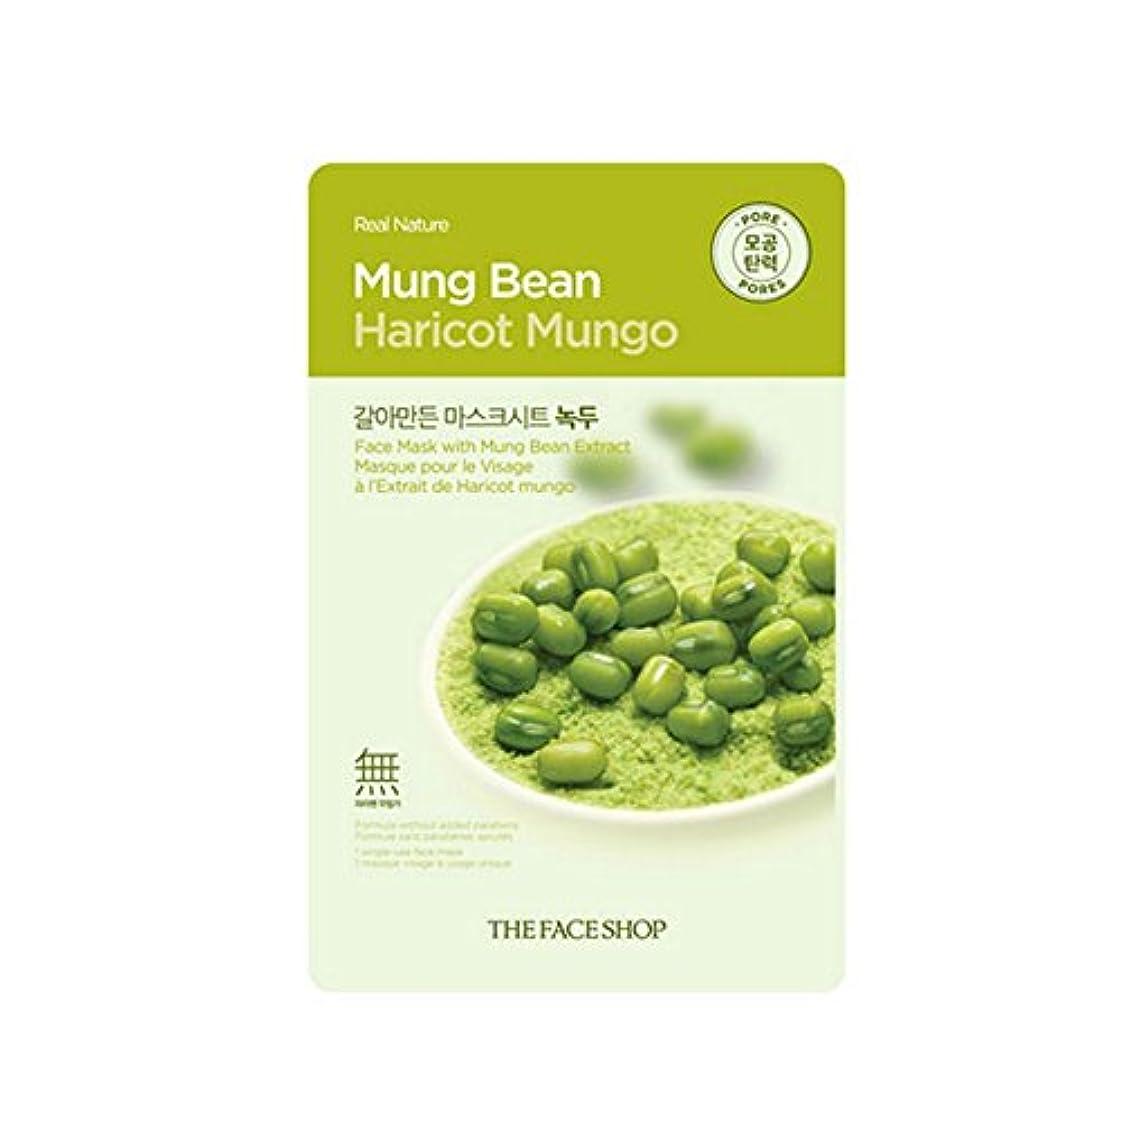 化学薬品しつけコメント[The Face Shop] ザフェイスショップ リアルネイチャーマスクシート Real Nature Mask Sheet (Mung Bean (緑豆) 10個) [並行輸入品]